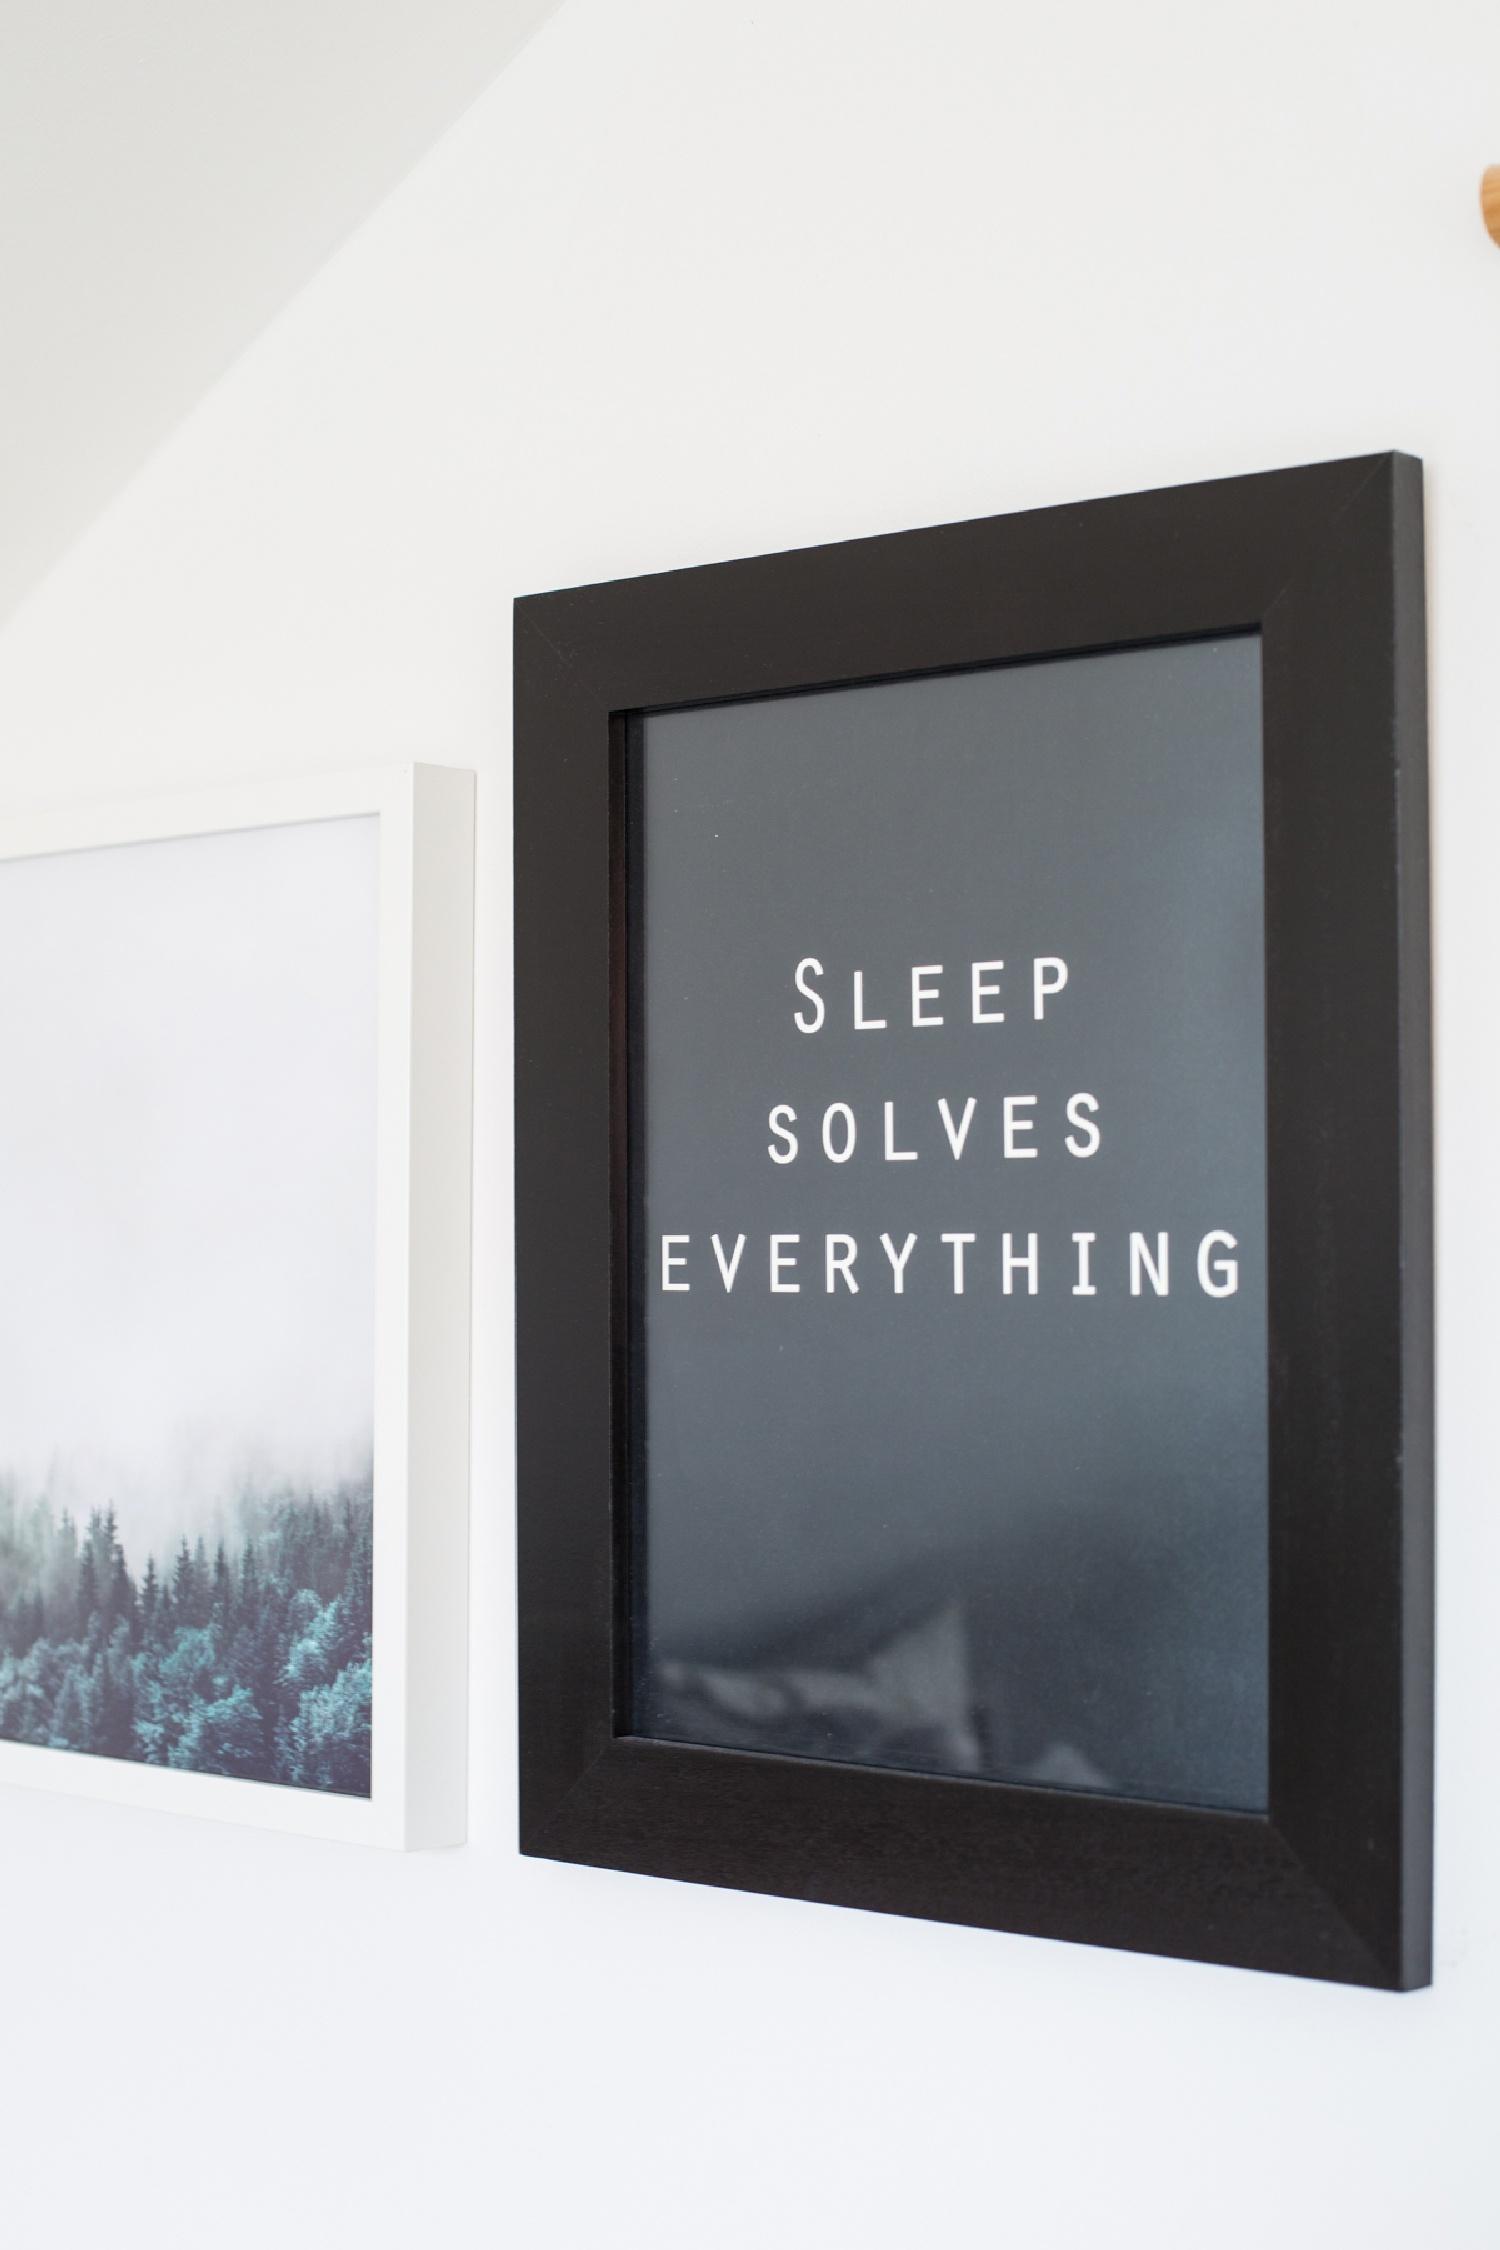 Was hänge ich an die Wand im Schlafzimmer - ruhige Drucke in Schwarz weiß und Sprüche..